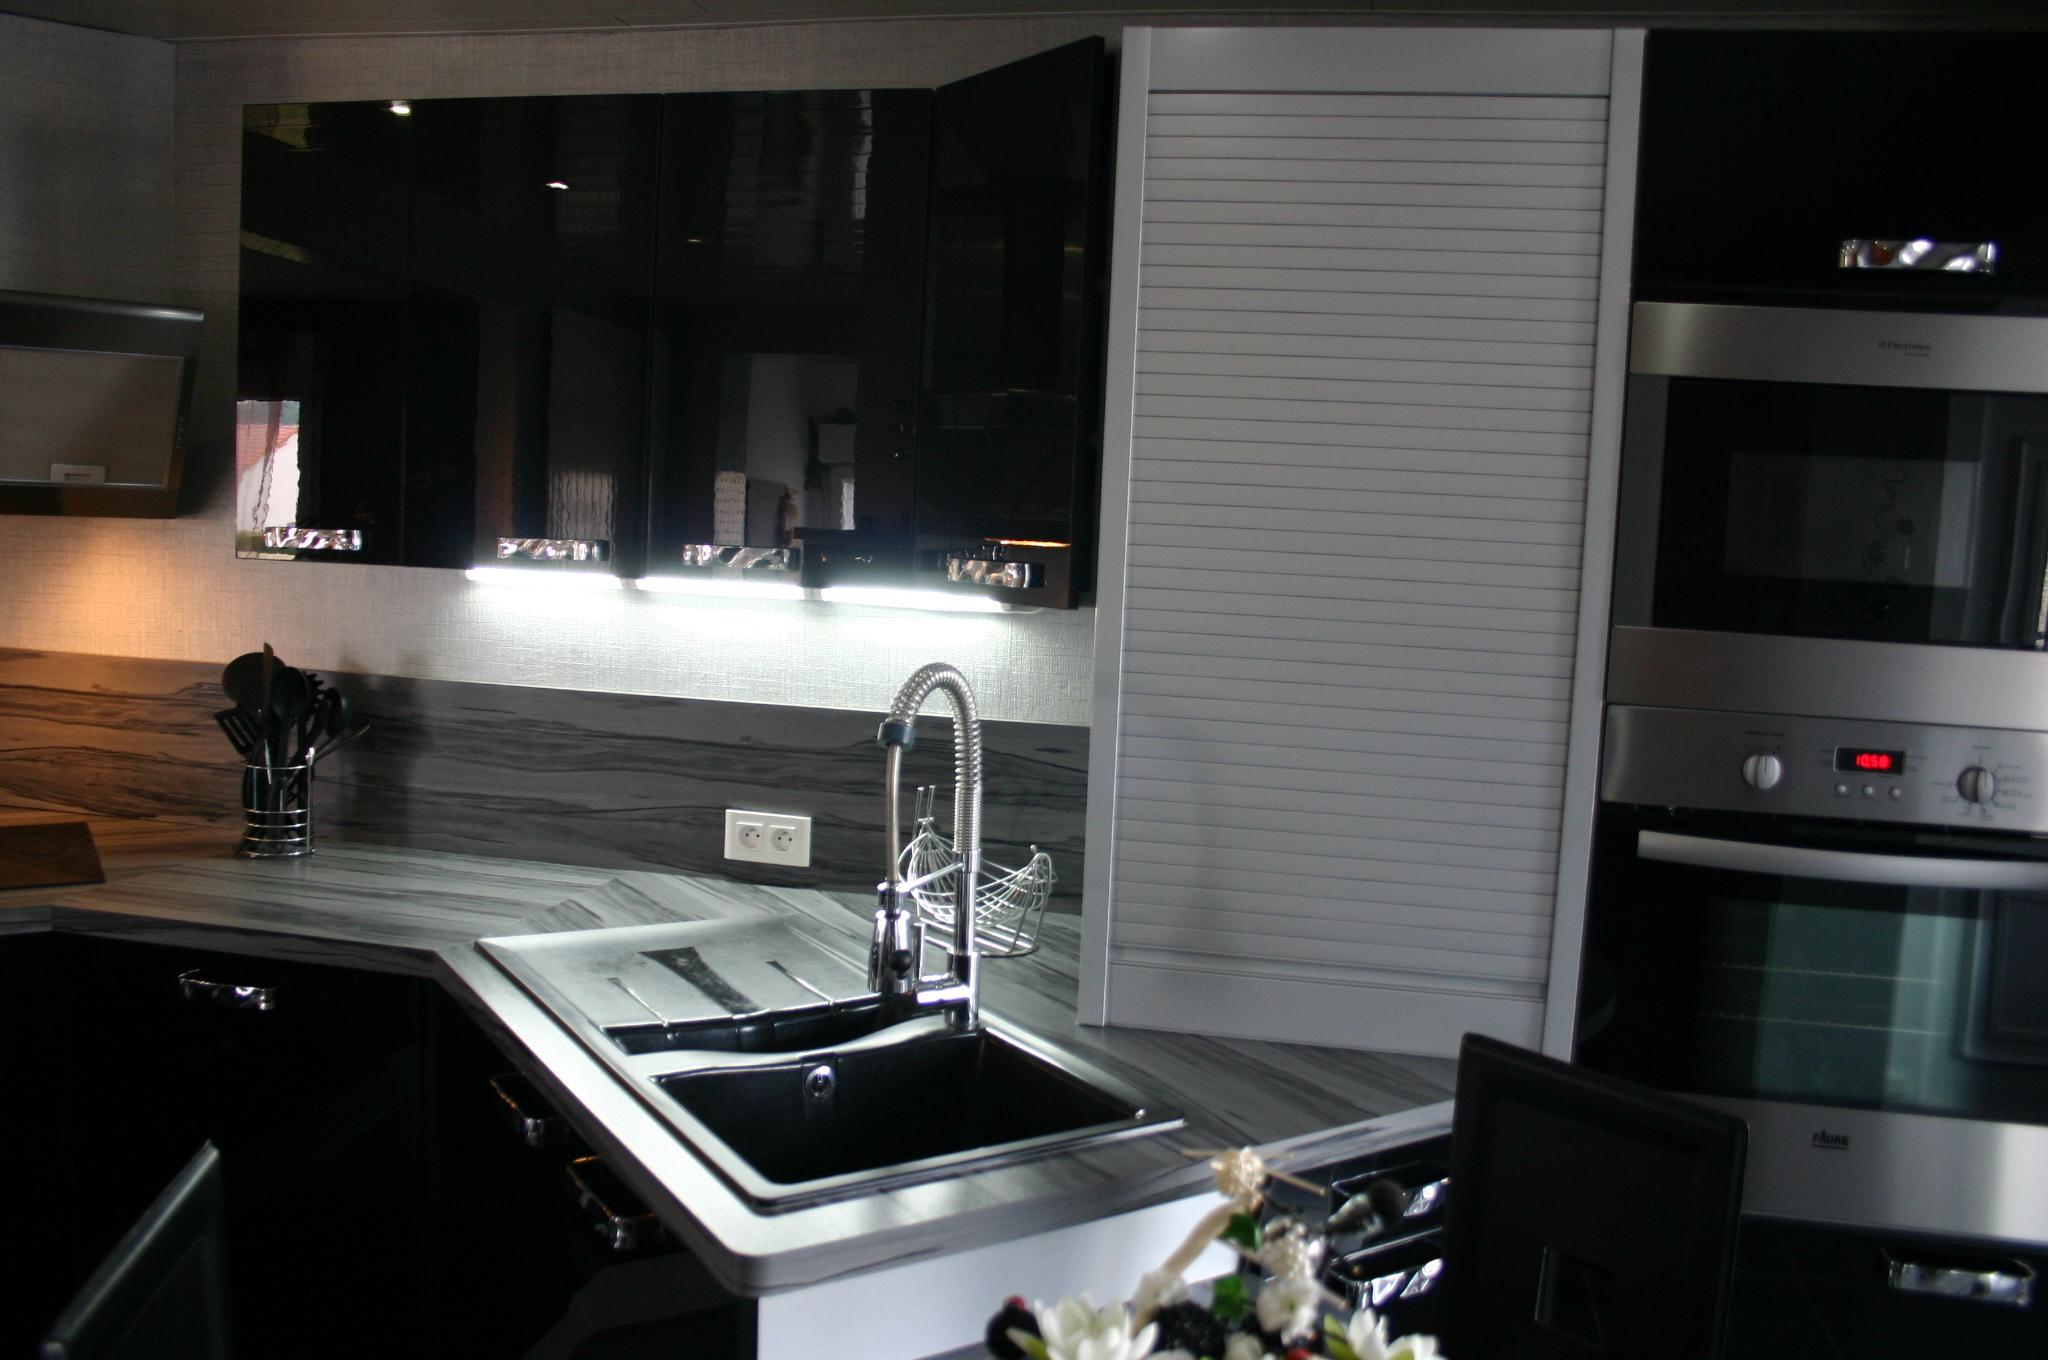 Cuisine laqu e noire par meubles jem for Meuble a cuisine